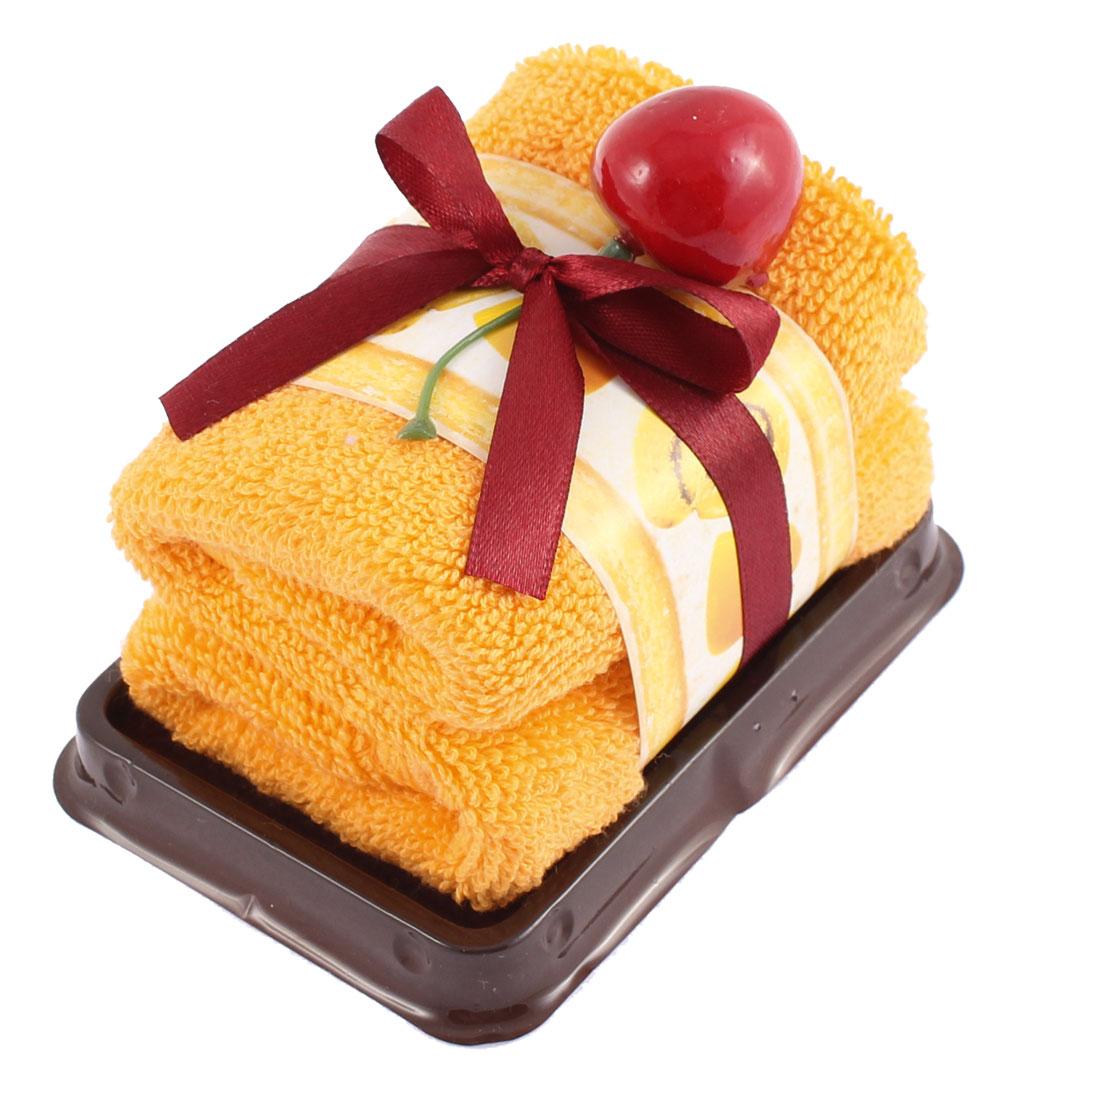 Rectangle Cake Design Fruit Decor Wedding Party Gift Washcloth Hand Towel Orange